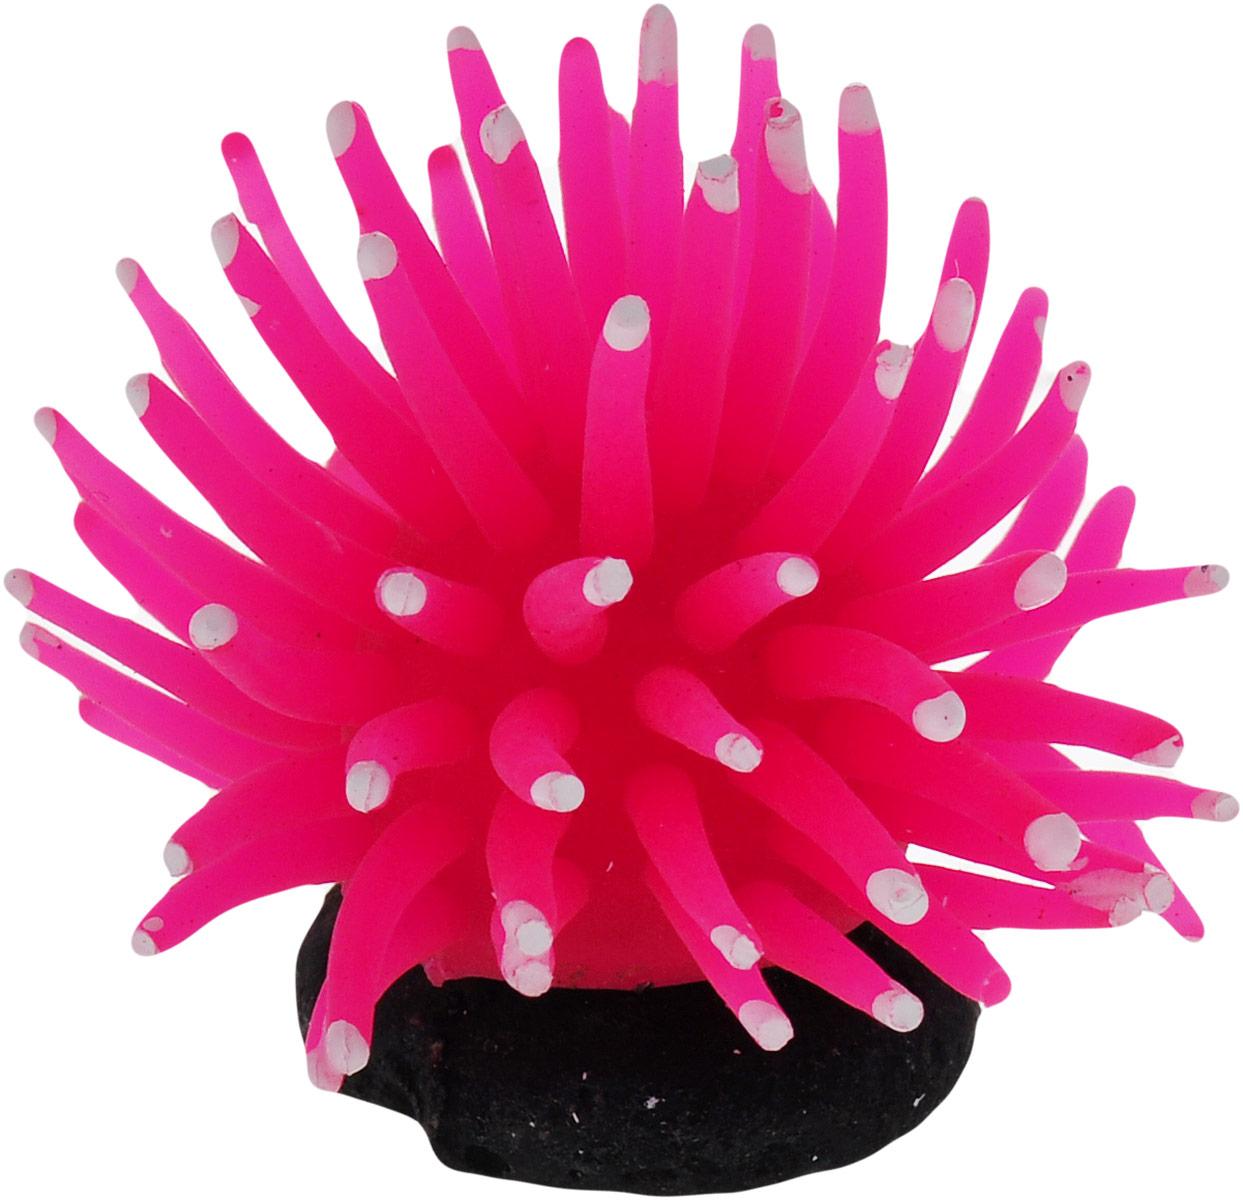 Коралл для аквариума Уют Разноцветные щупальца, силиконовый, цвет: розовый, 5 х 5 х 4 см средство для чистки барабанов стиральных машин nagara 5 х 4 5 г